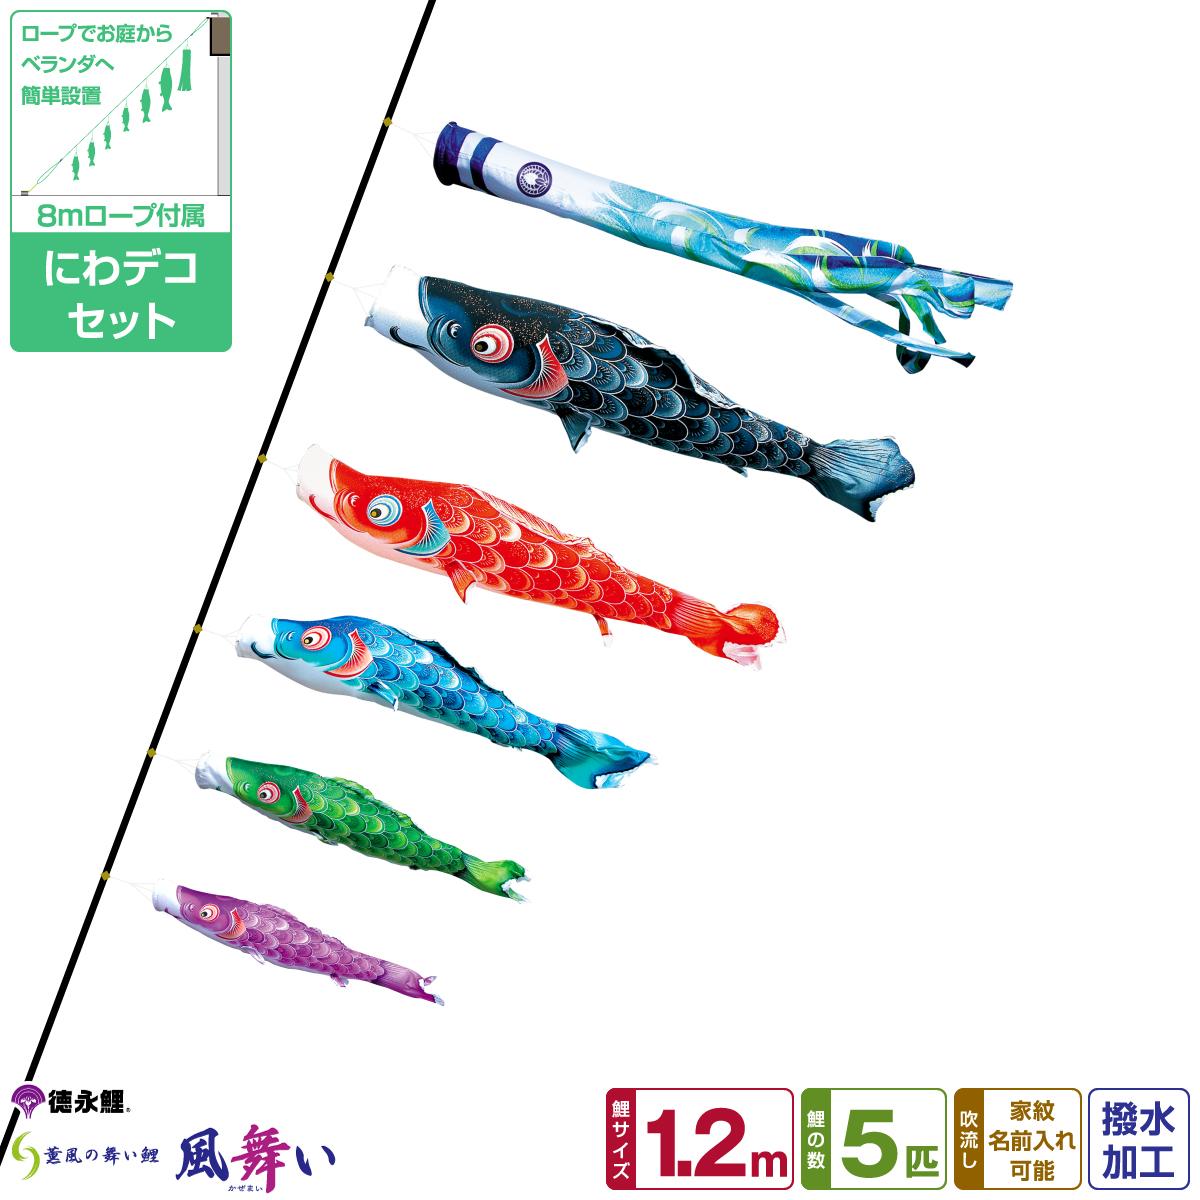 徳永鯉のぼり 風舞い鯉 1.2m 8点セット にわデコセット 2019年初節句 端午の節句 こどもの日 こいのぼり